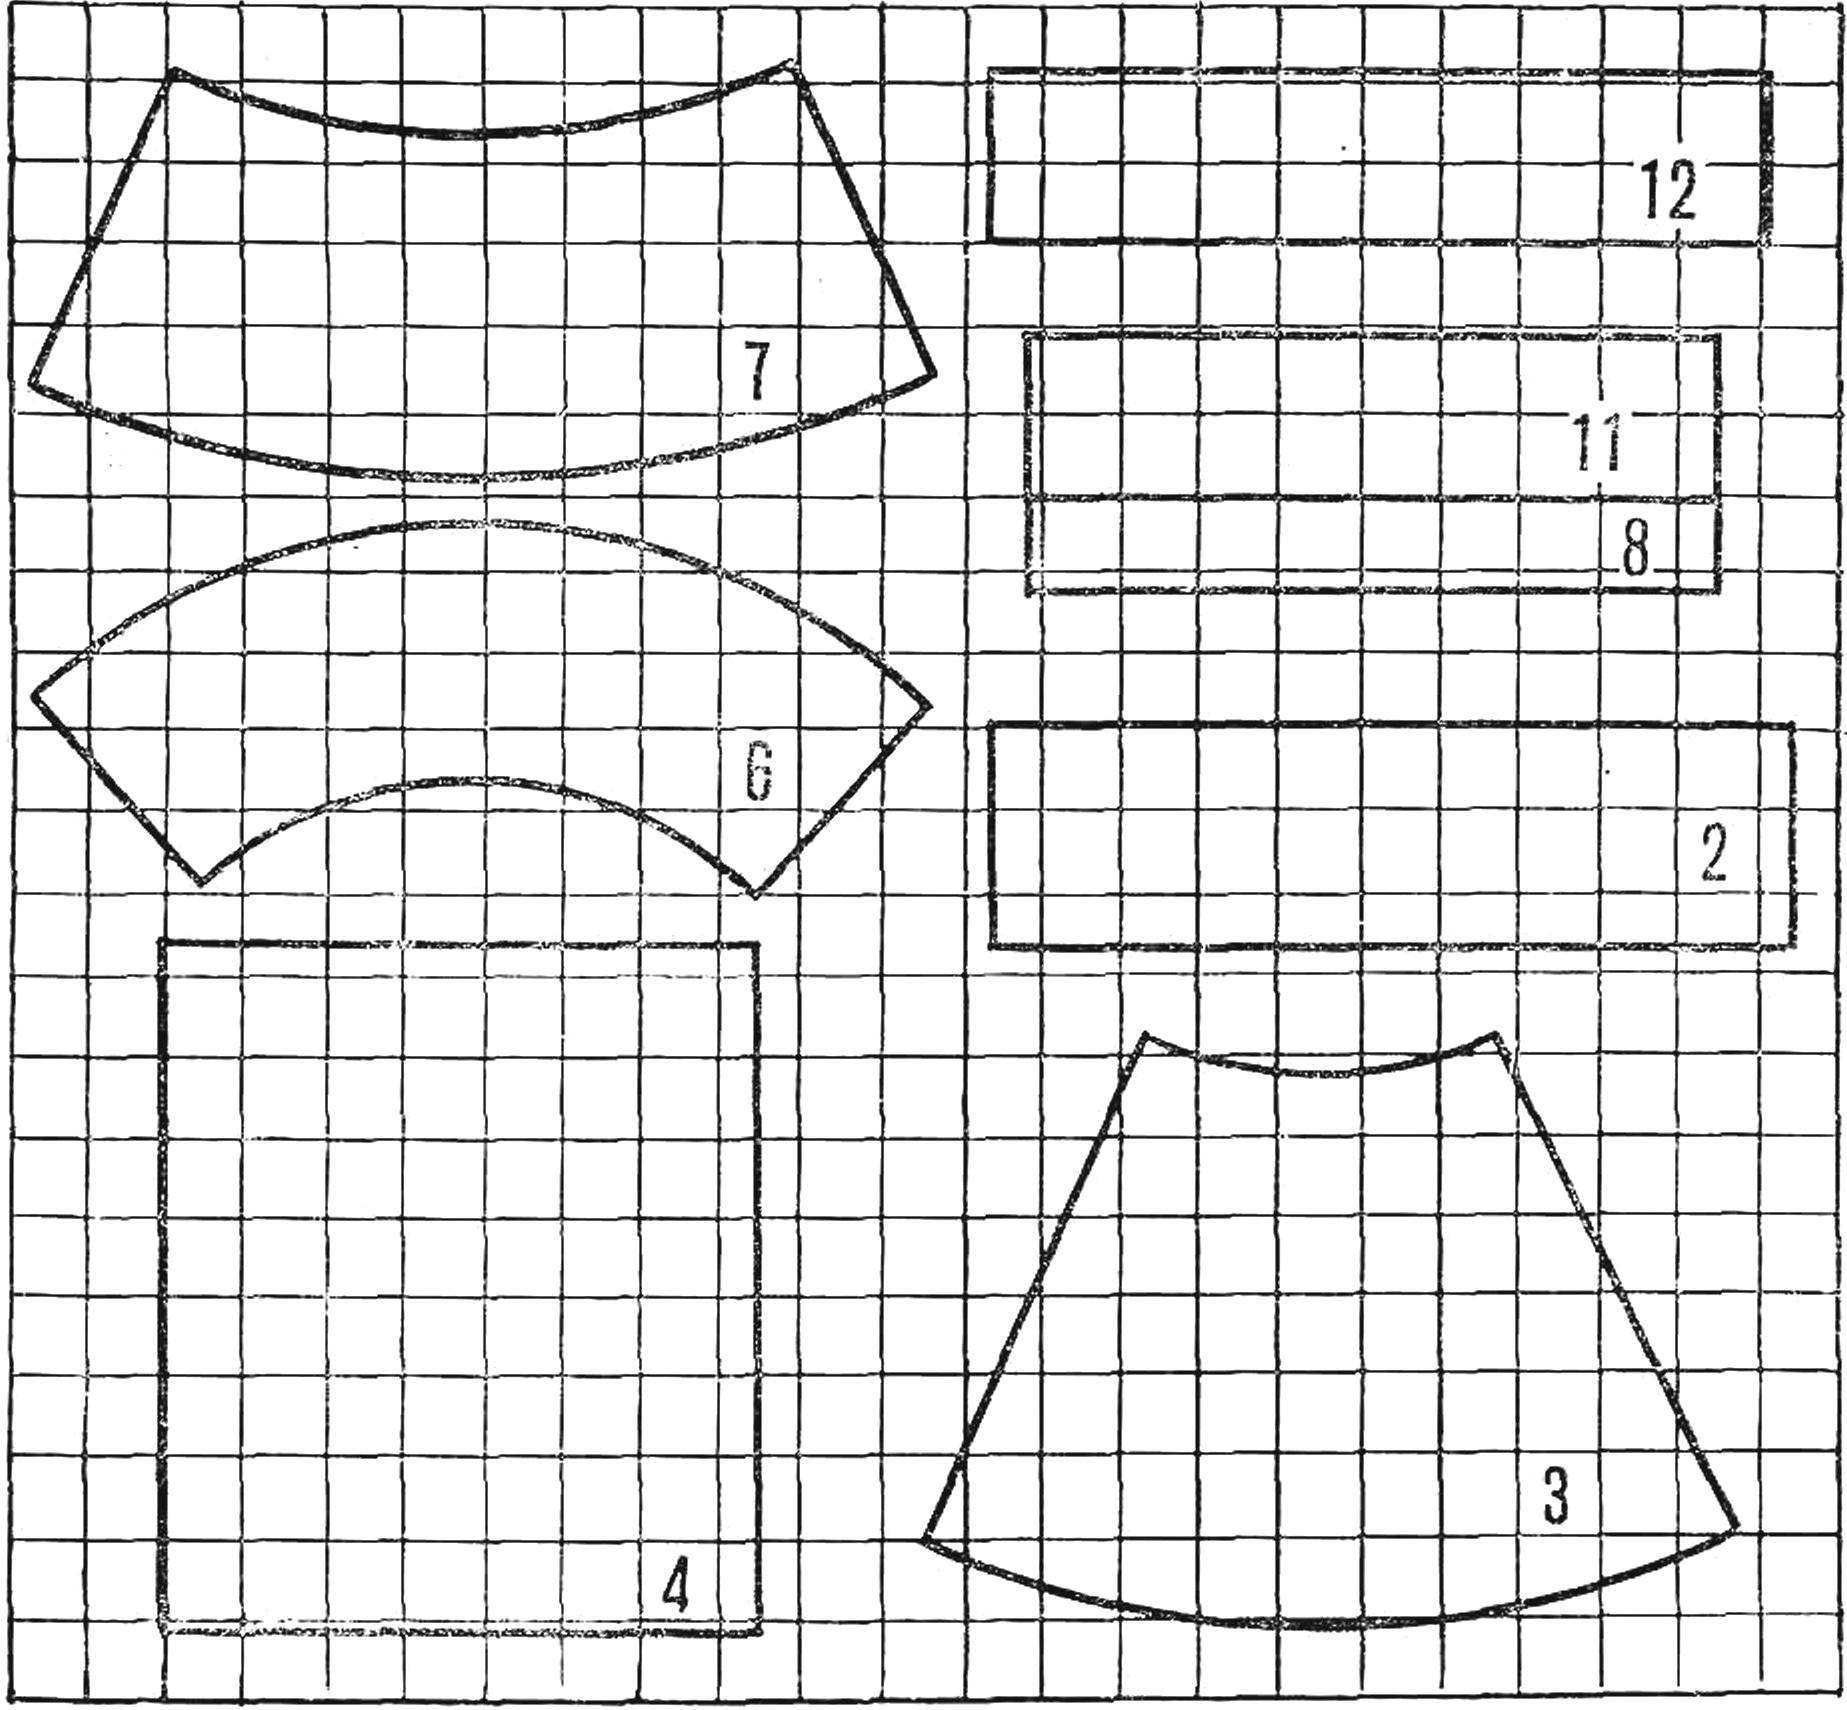 Рис. 2. Развертки бумажных частей модели.